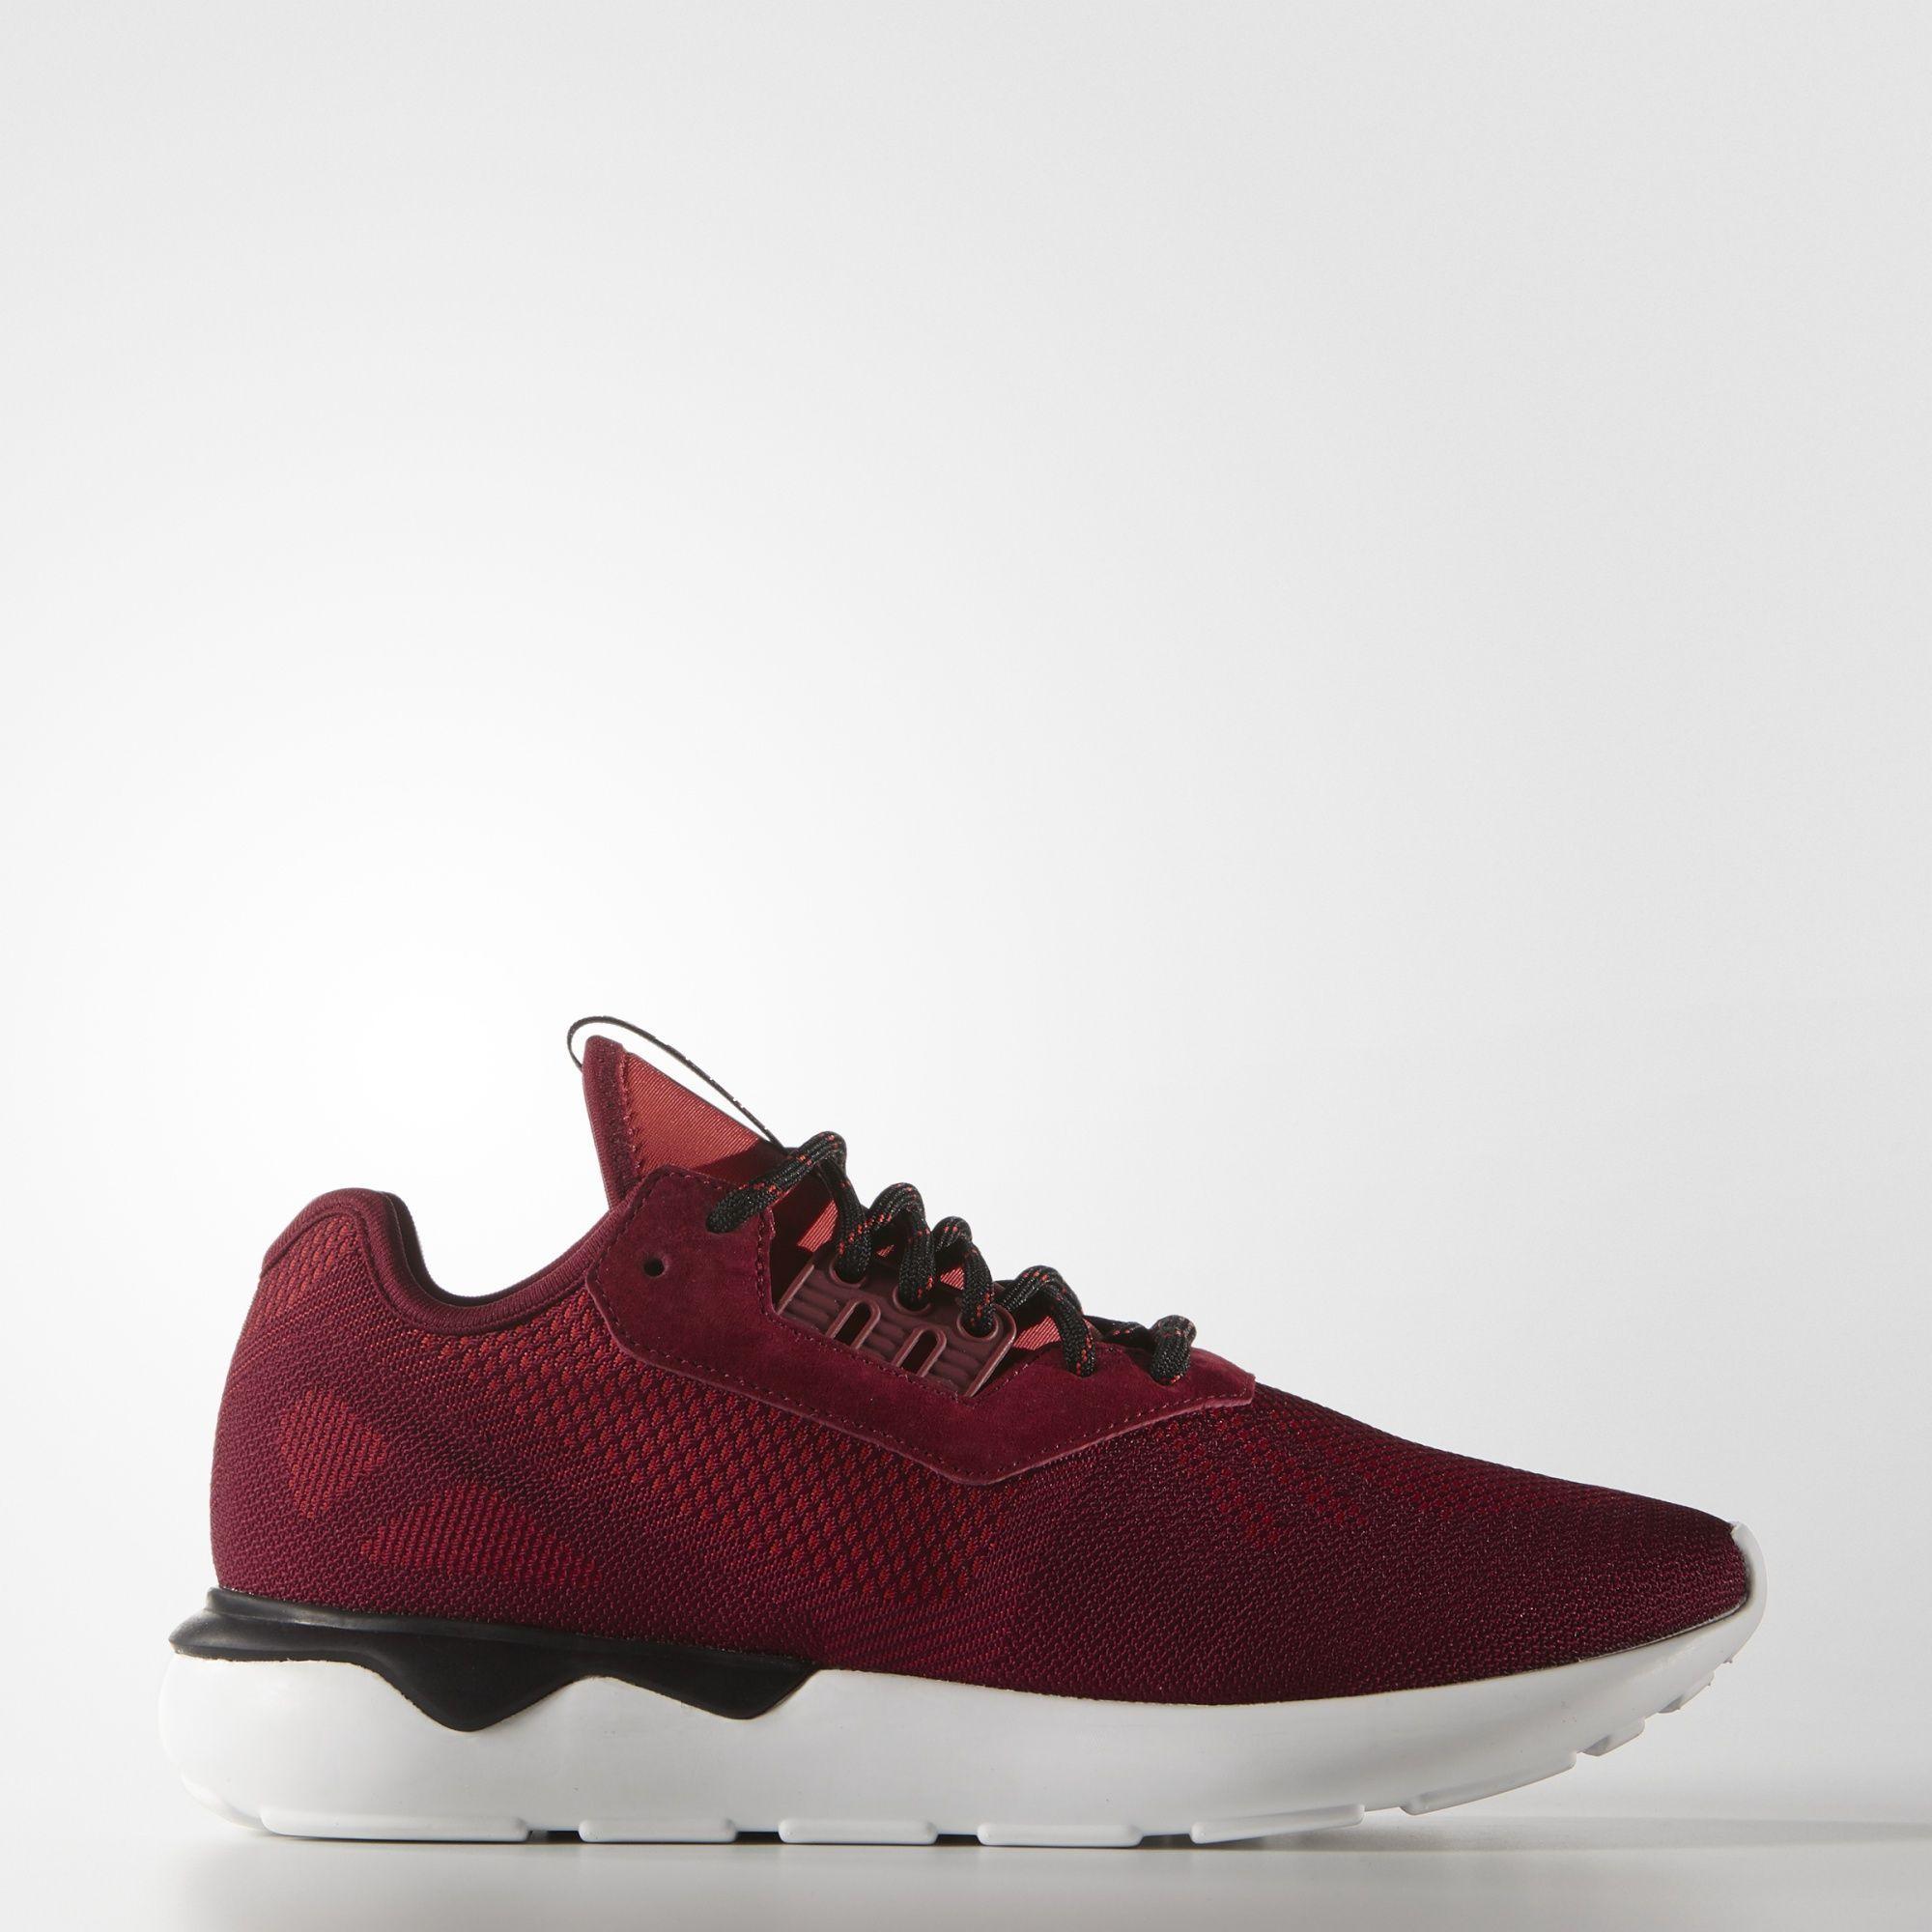 Tubular Adidas WeaveShoes Chaussures Runner Chaussure ulK5Tc3FJ1